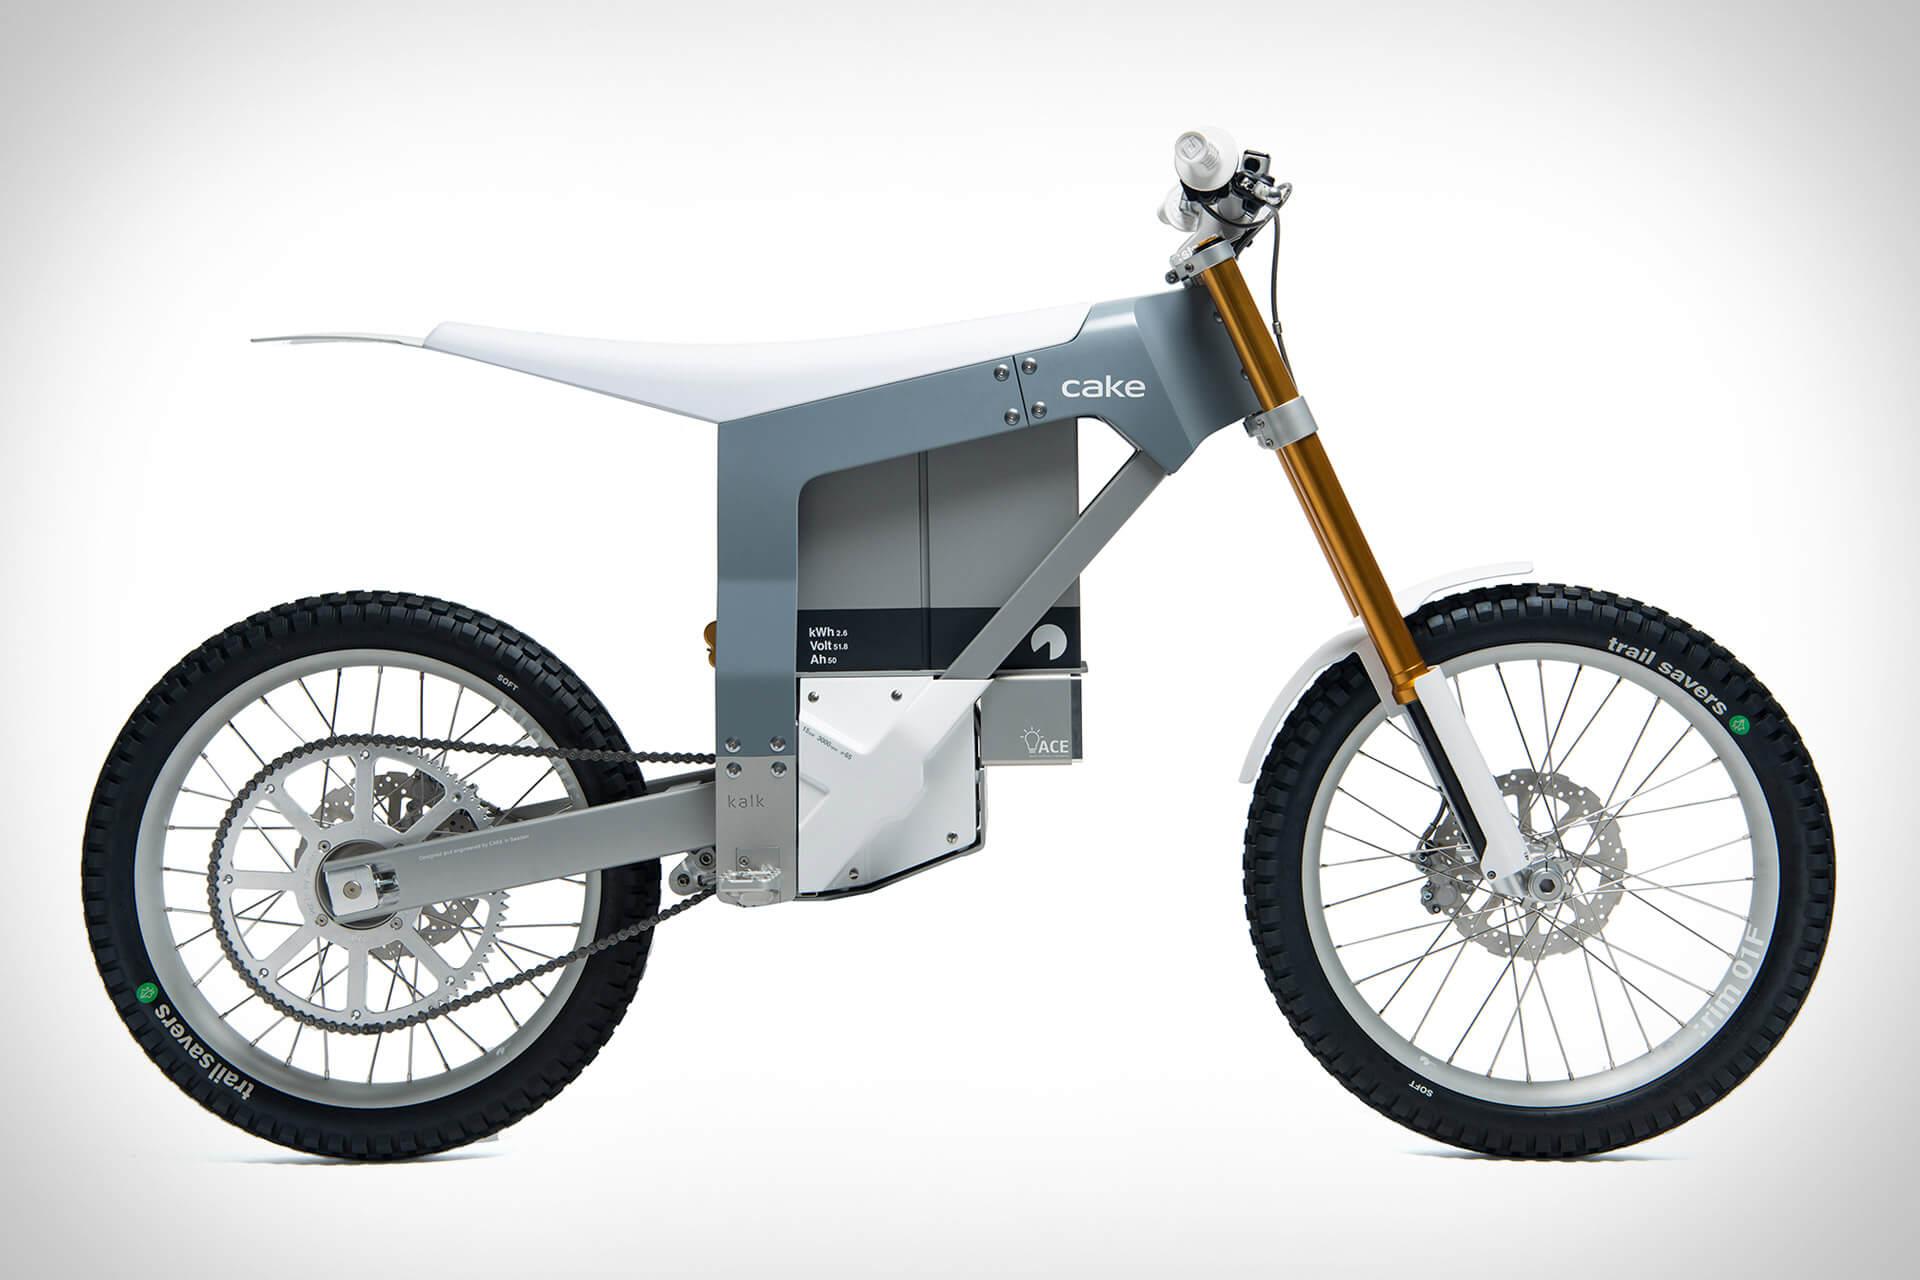 Cake Kalk Electric Motorcycles